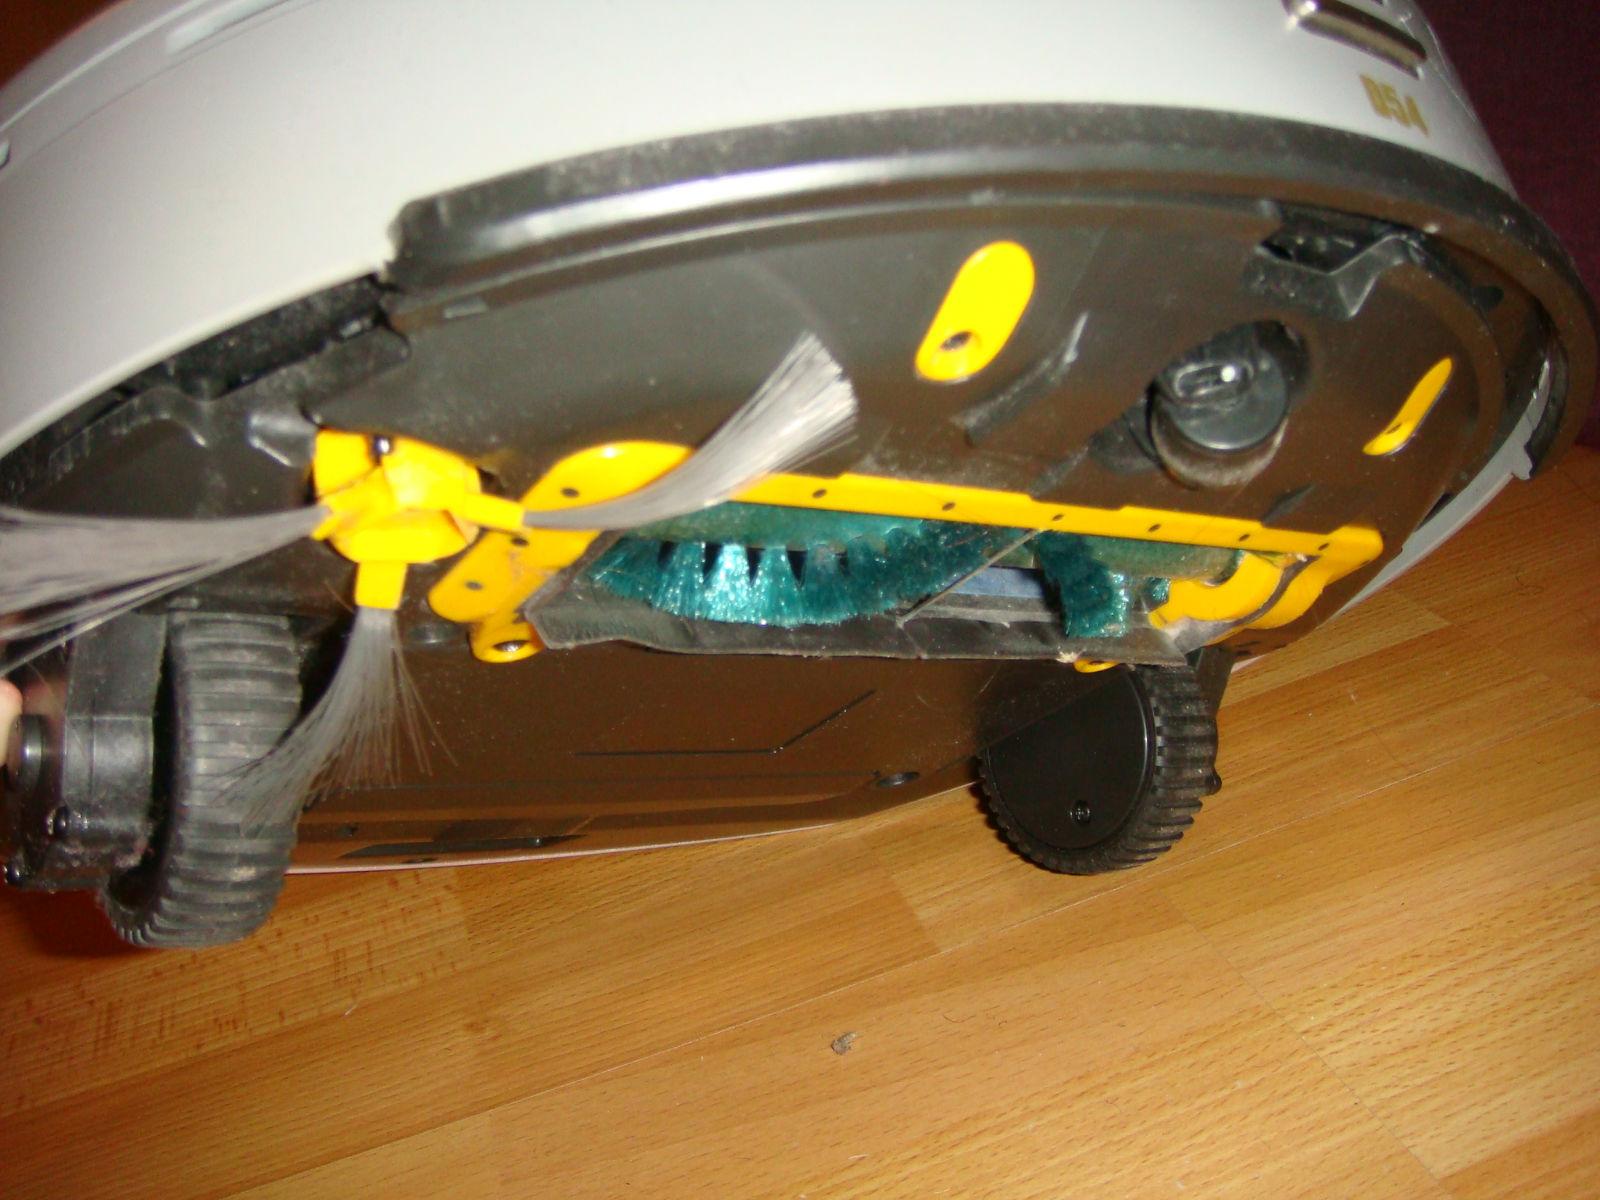 aspirateur robot deepoo d54 ecovacs 22. Black Bedroom Furniture Sets. Home Design Ideas